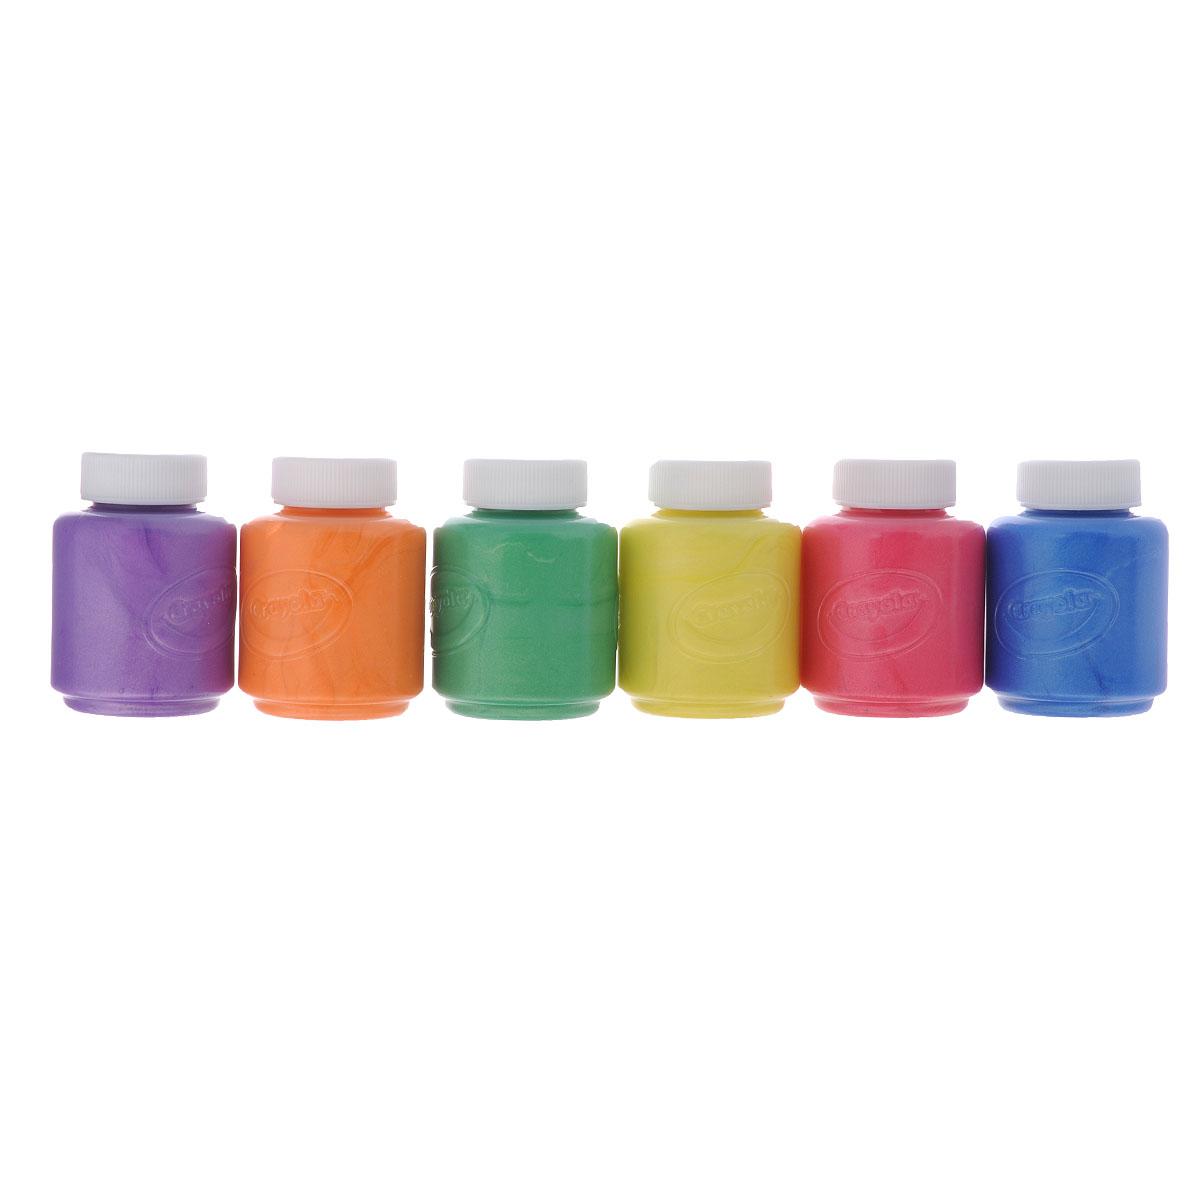 Краски пальчиковые Crayola, с металлическим эффектом, 6 цветов54-5000Пальчиковые краски Crayola порадуют маленького художника и помогут ему раскрыть свой талант. Ими можно рисовать не только на бумаге, но на картоне и стекле без каких-либо дополнительных приспособлений. В наборе краски с металлическим эффектом в баночках по 59 мл 6 цветов: фиолетового, желтого, зеленого, розового, синего, оранжевого. Краски Crayola с металлическим эффектом помогут вам декорировать любые плакаты, постеры, сделать оригинальными картинки в раскрасках, добавить изюминку в ваши рисунки. Краска каждого цвета хранится в отдельной пластиковой баночке с плотно закрывающейся крышкой. Эти нетоксичные краски полностью безопасны для детского здоровья. Они легко смываются не только с кожи, но и с одежды - когда ваш юный художник закончит свой творческий процесс, вам будет легко привести в порядок не только его самого, но и его одежду и рабочее место, куда могли попасть капли краски.